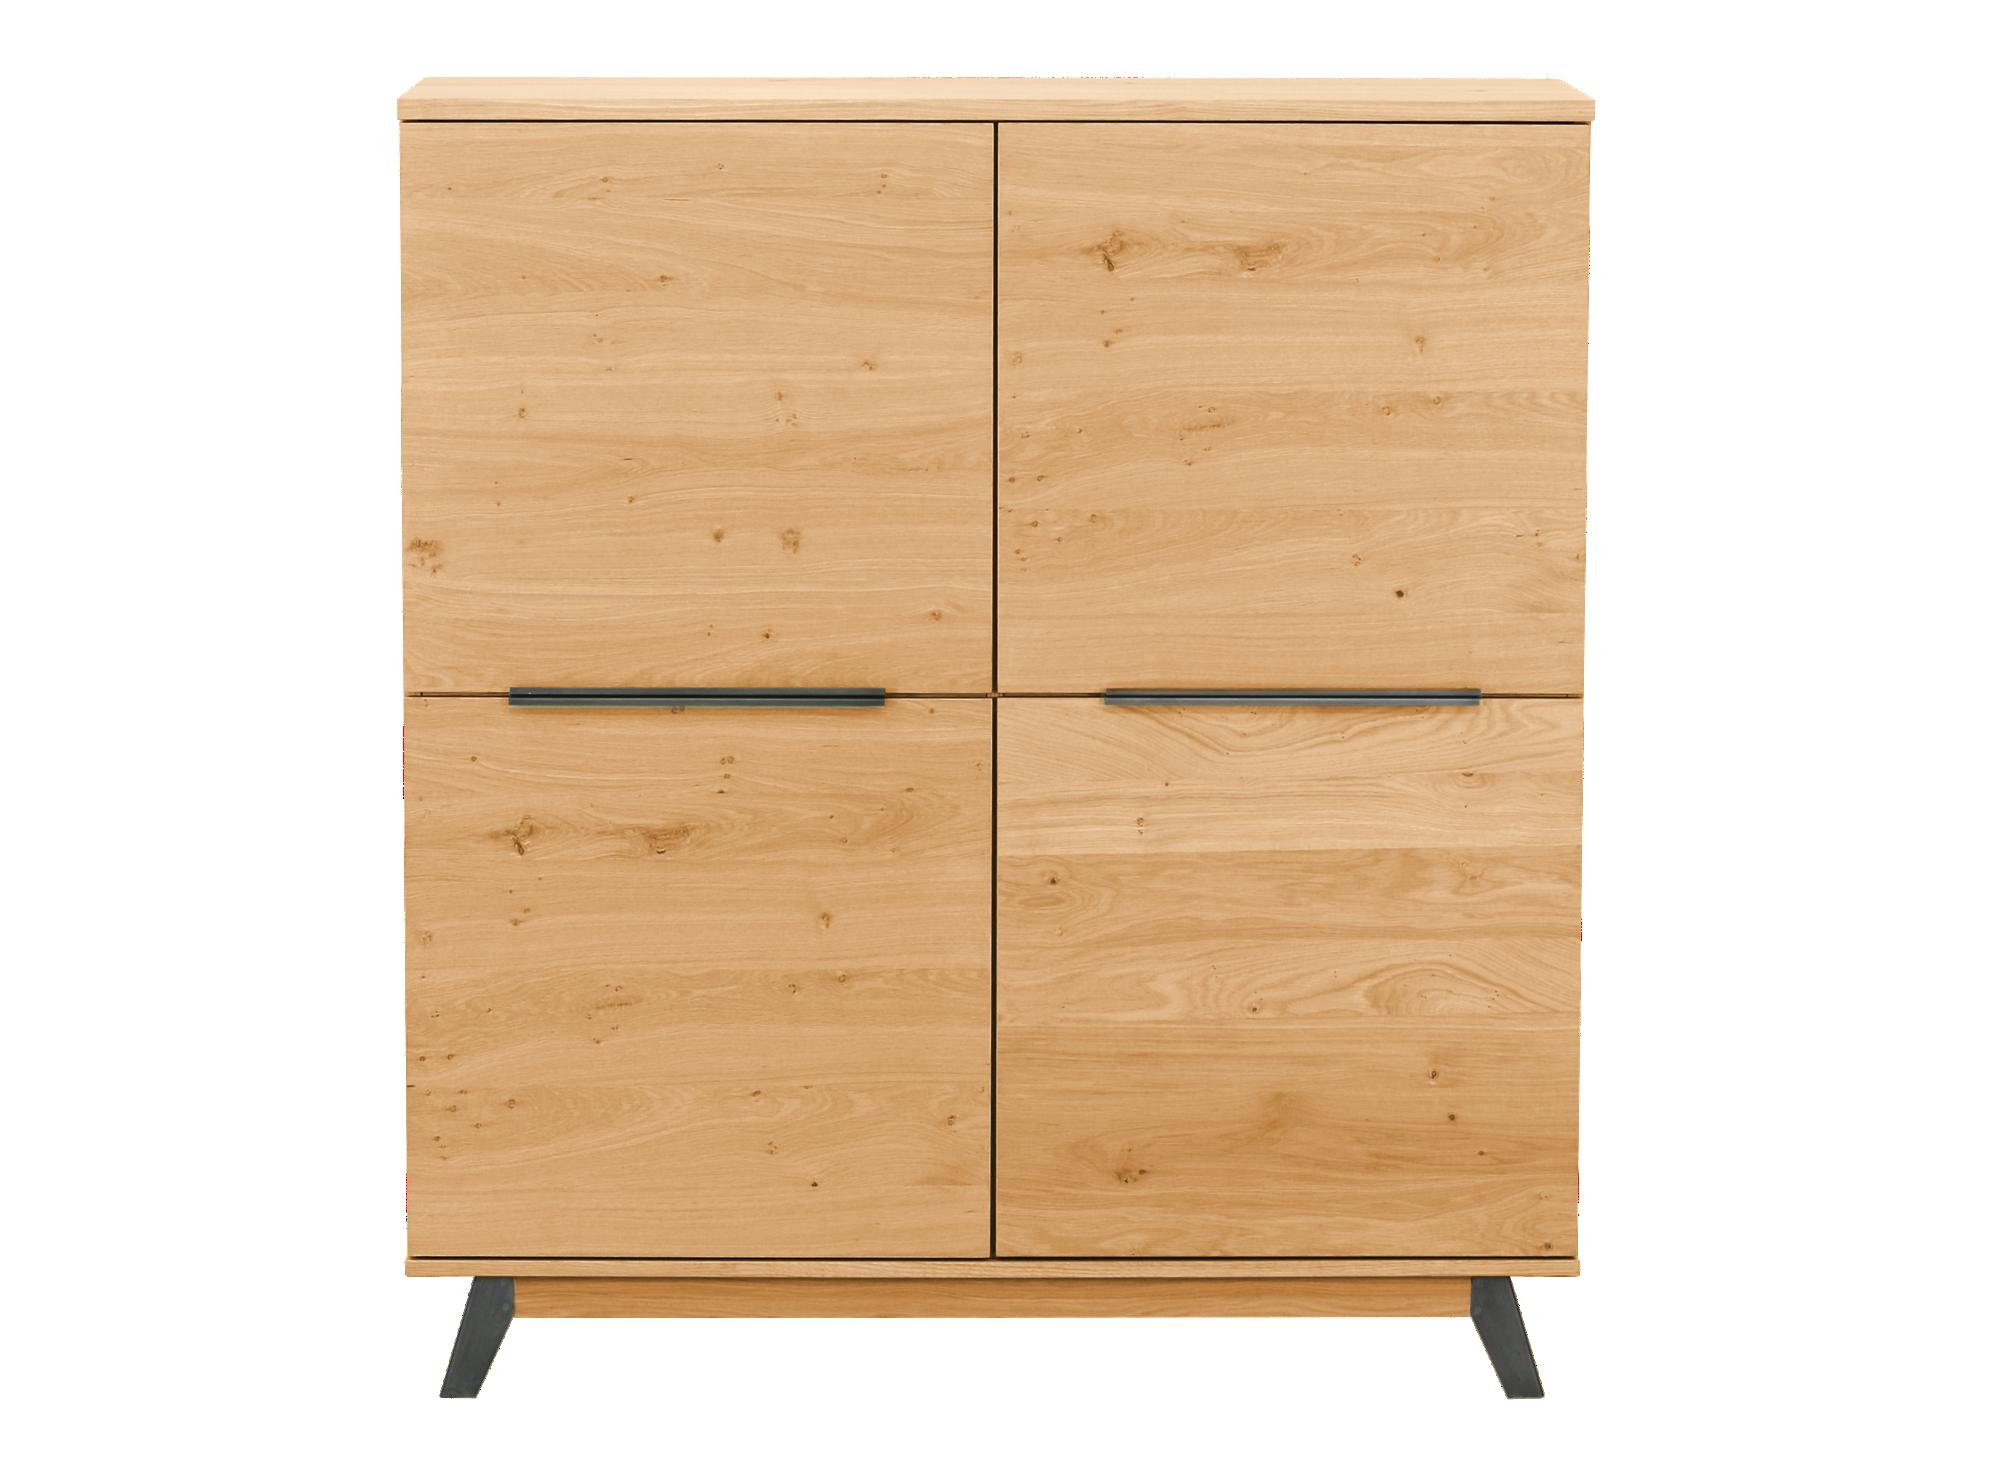 rangement 4 portes plaque chene fly achats maison pinterest meuble de rangement. Black Bedroom Furniture Sets. Home Design Ideas